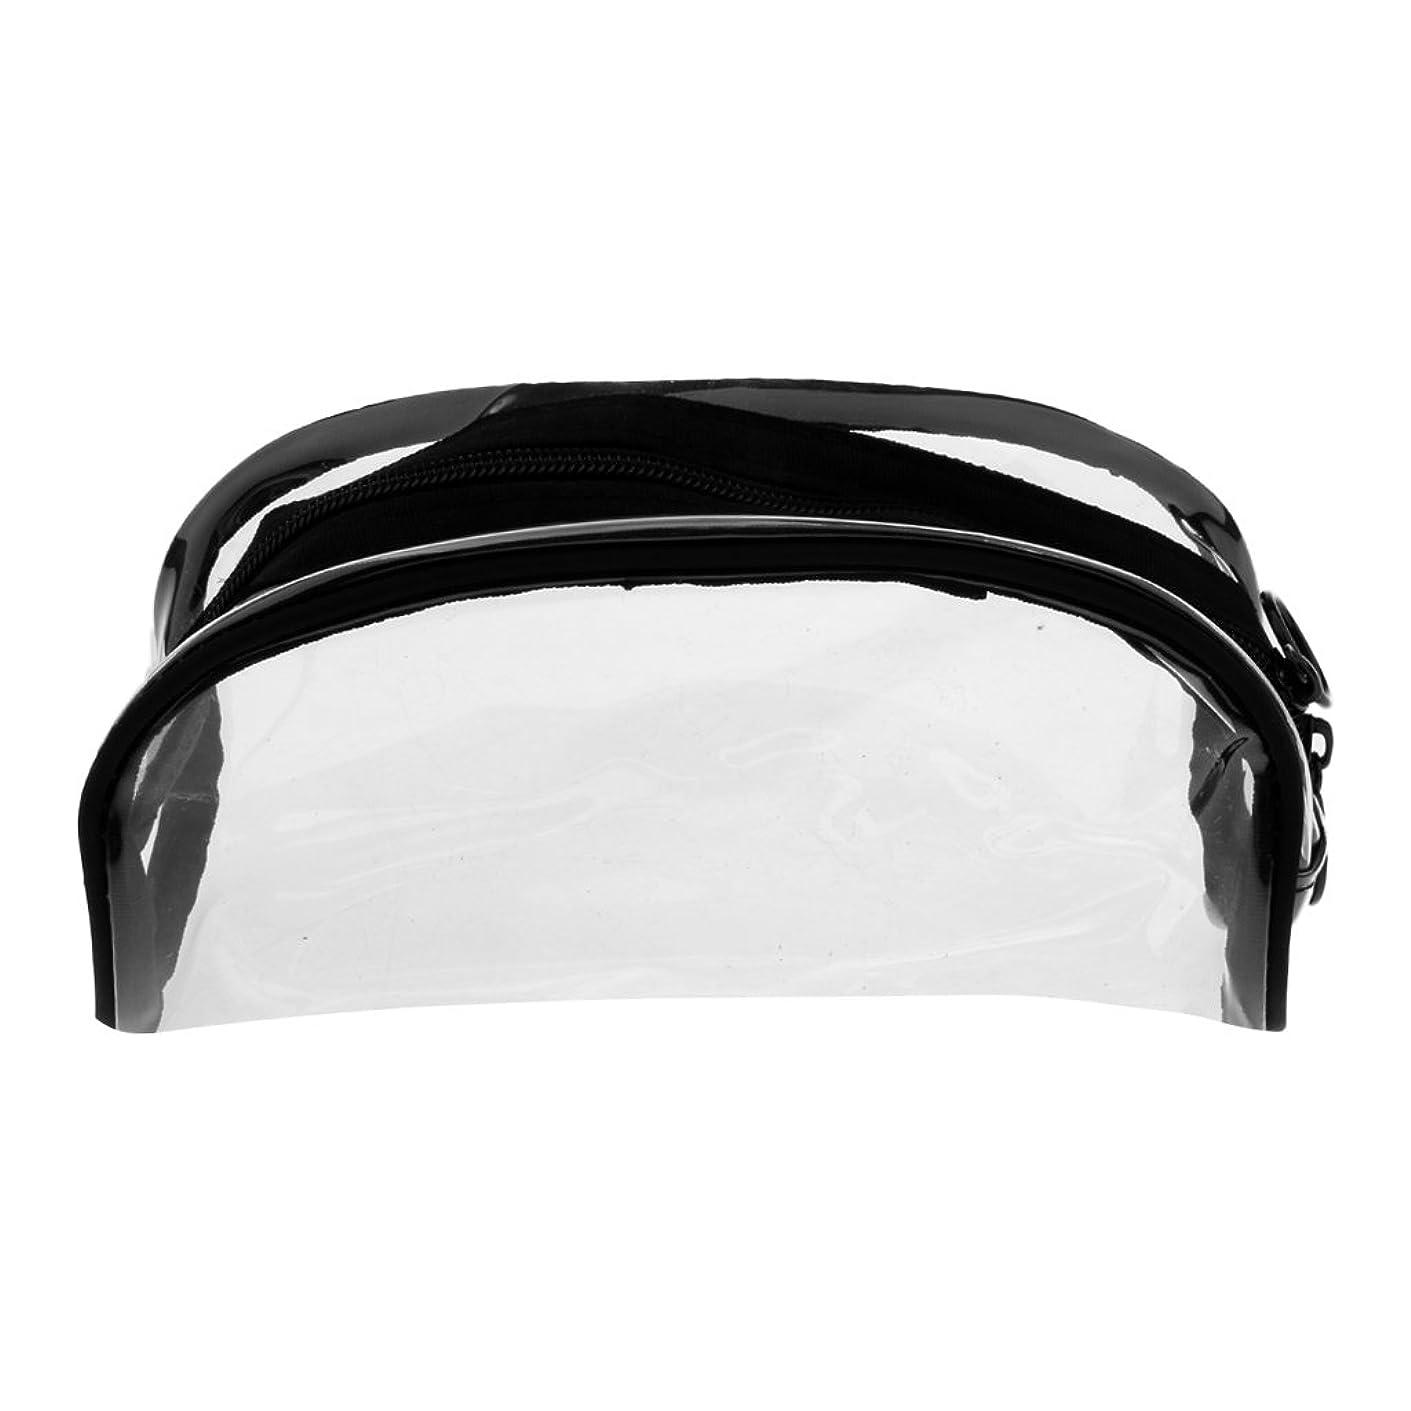 傾向がある男性お金ゴムSharplace メイクバッグ 化粧ポーチ PVC クリア ジッパーバッグ メイクポーチ 透明 全4タイプ - #2